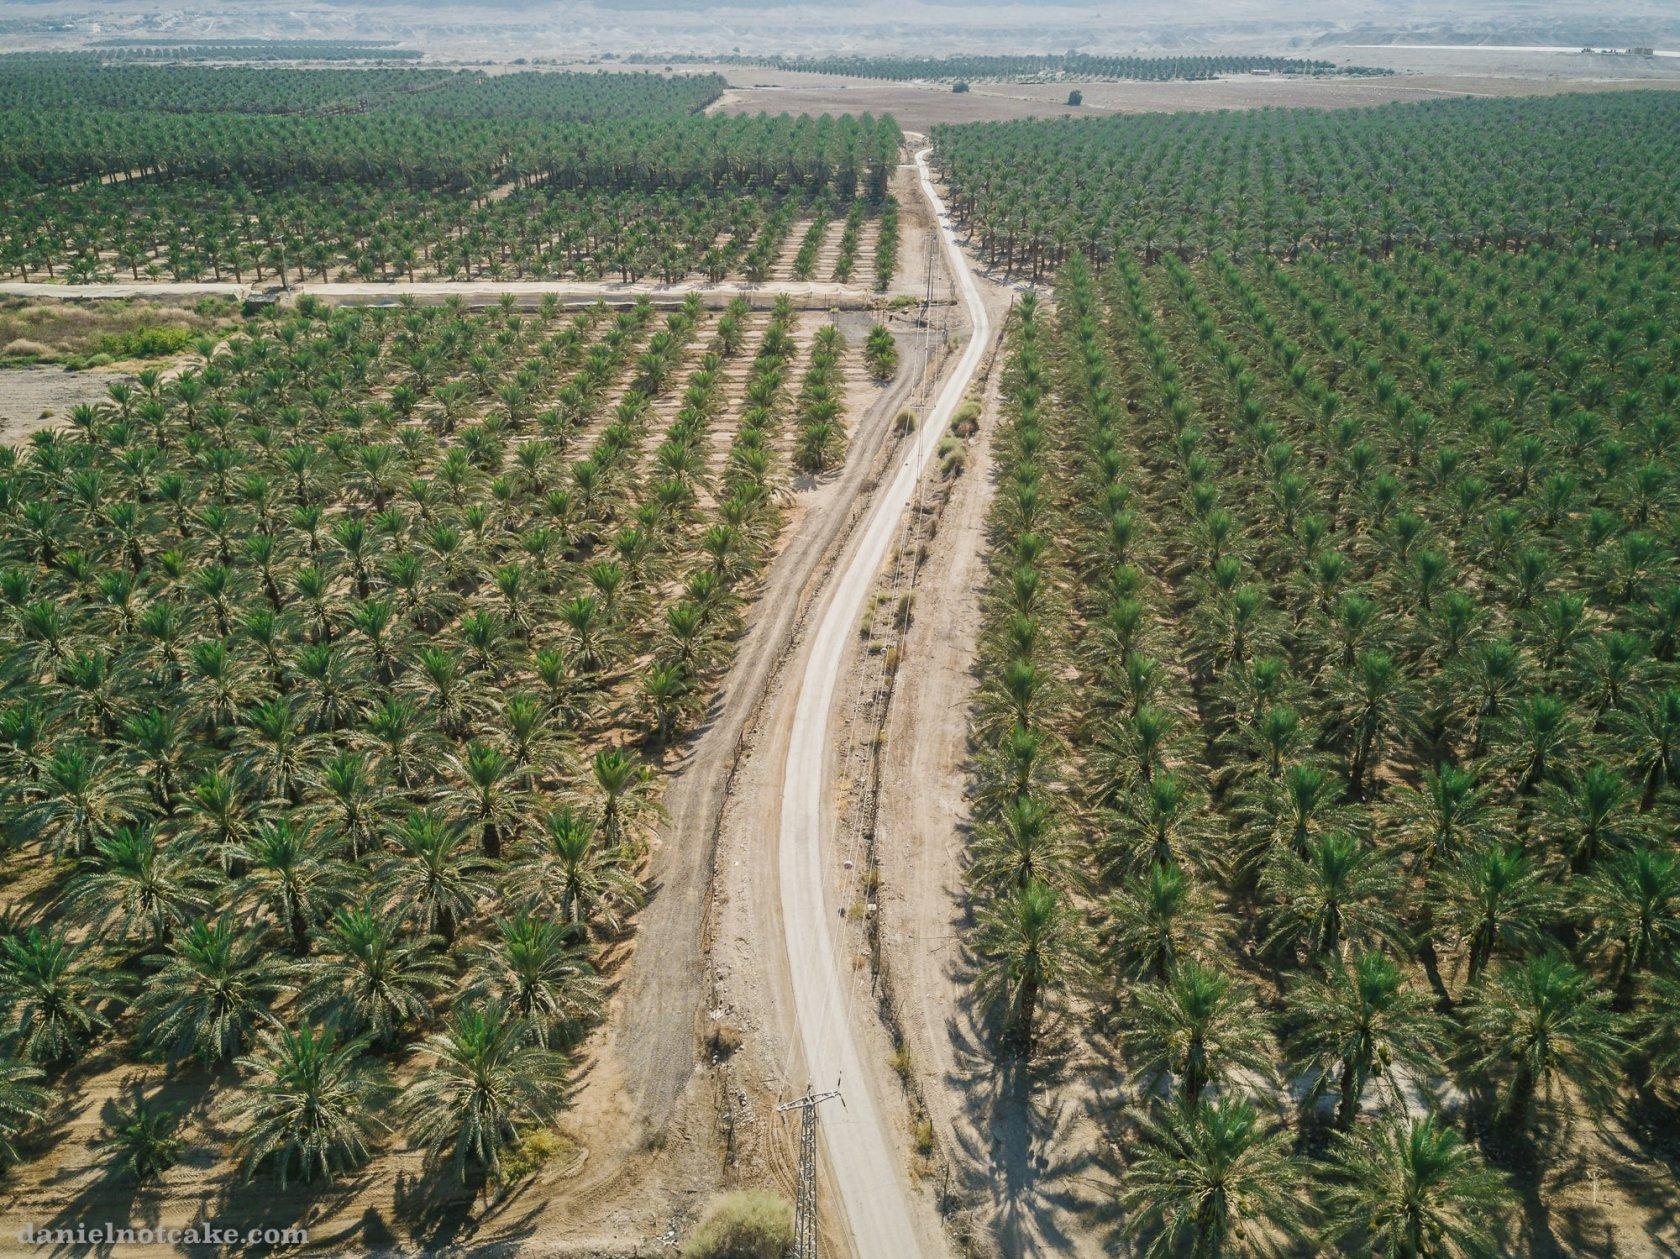 израиль фото плантаций сколько вам было